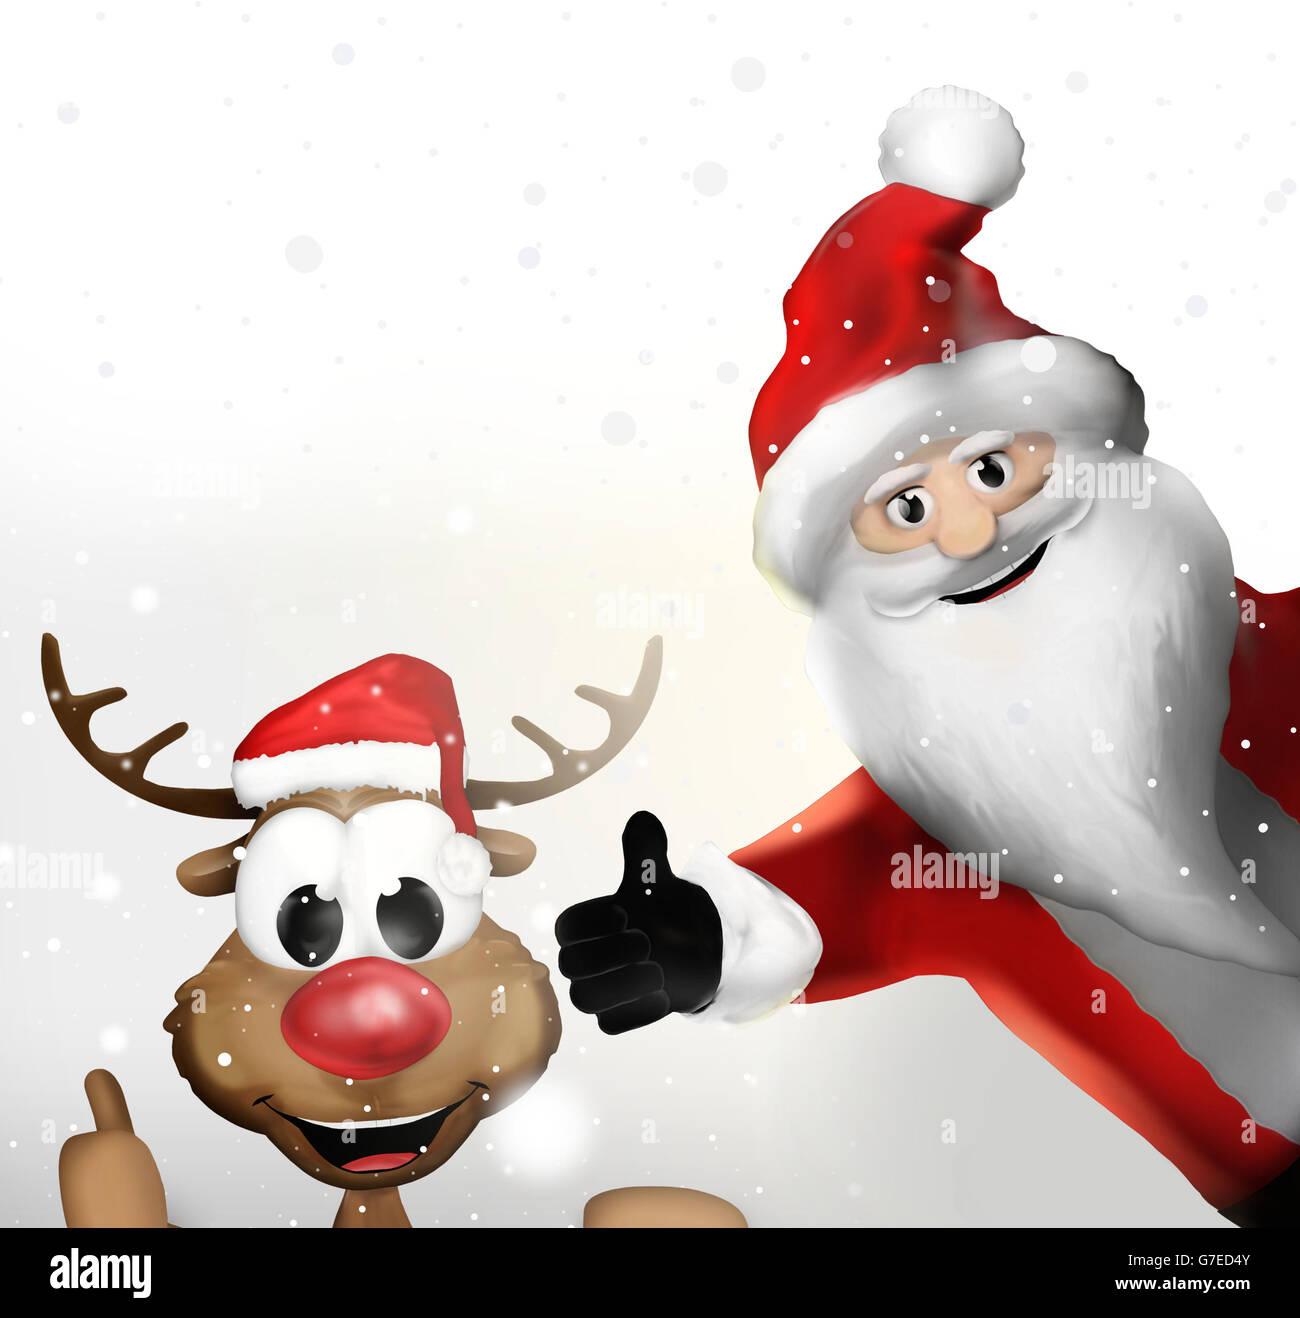 Weihnachten Weihnachtsmann und ein Rentier Daumen hoch Stockfoto ...